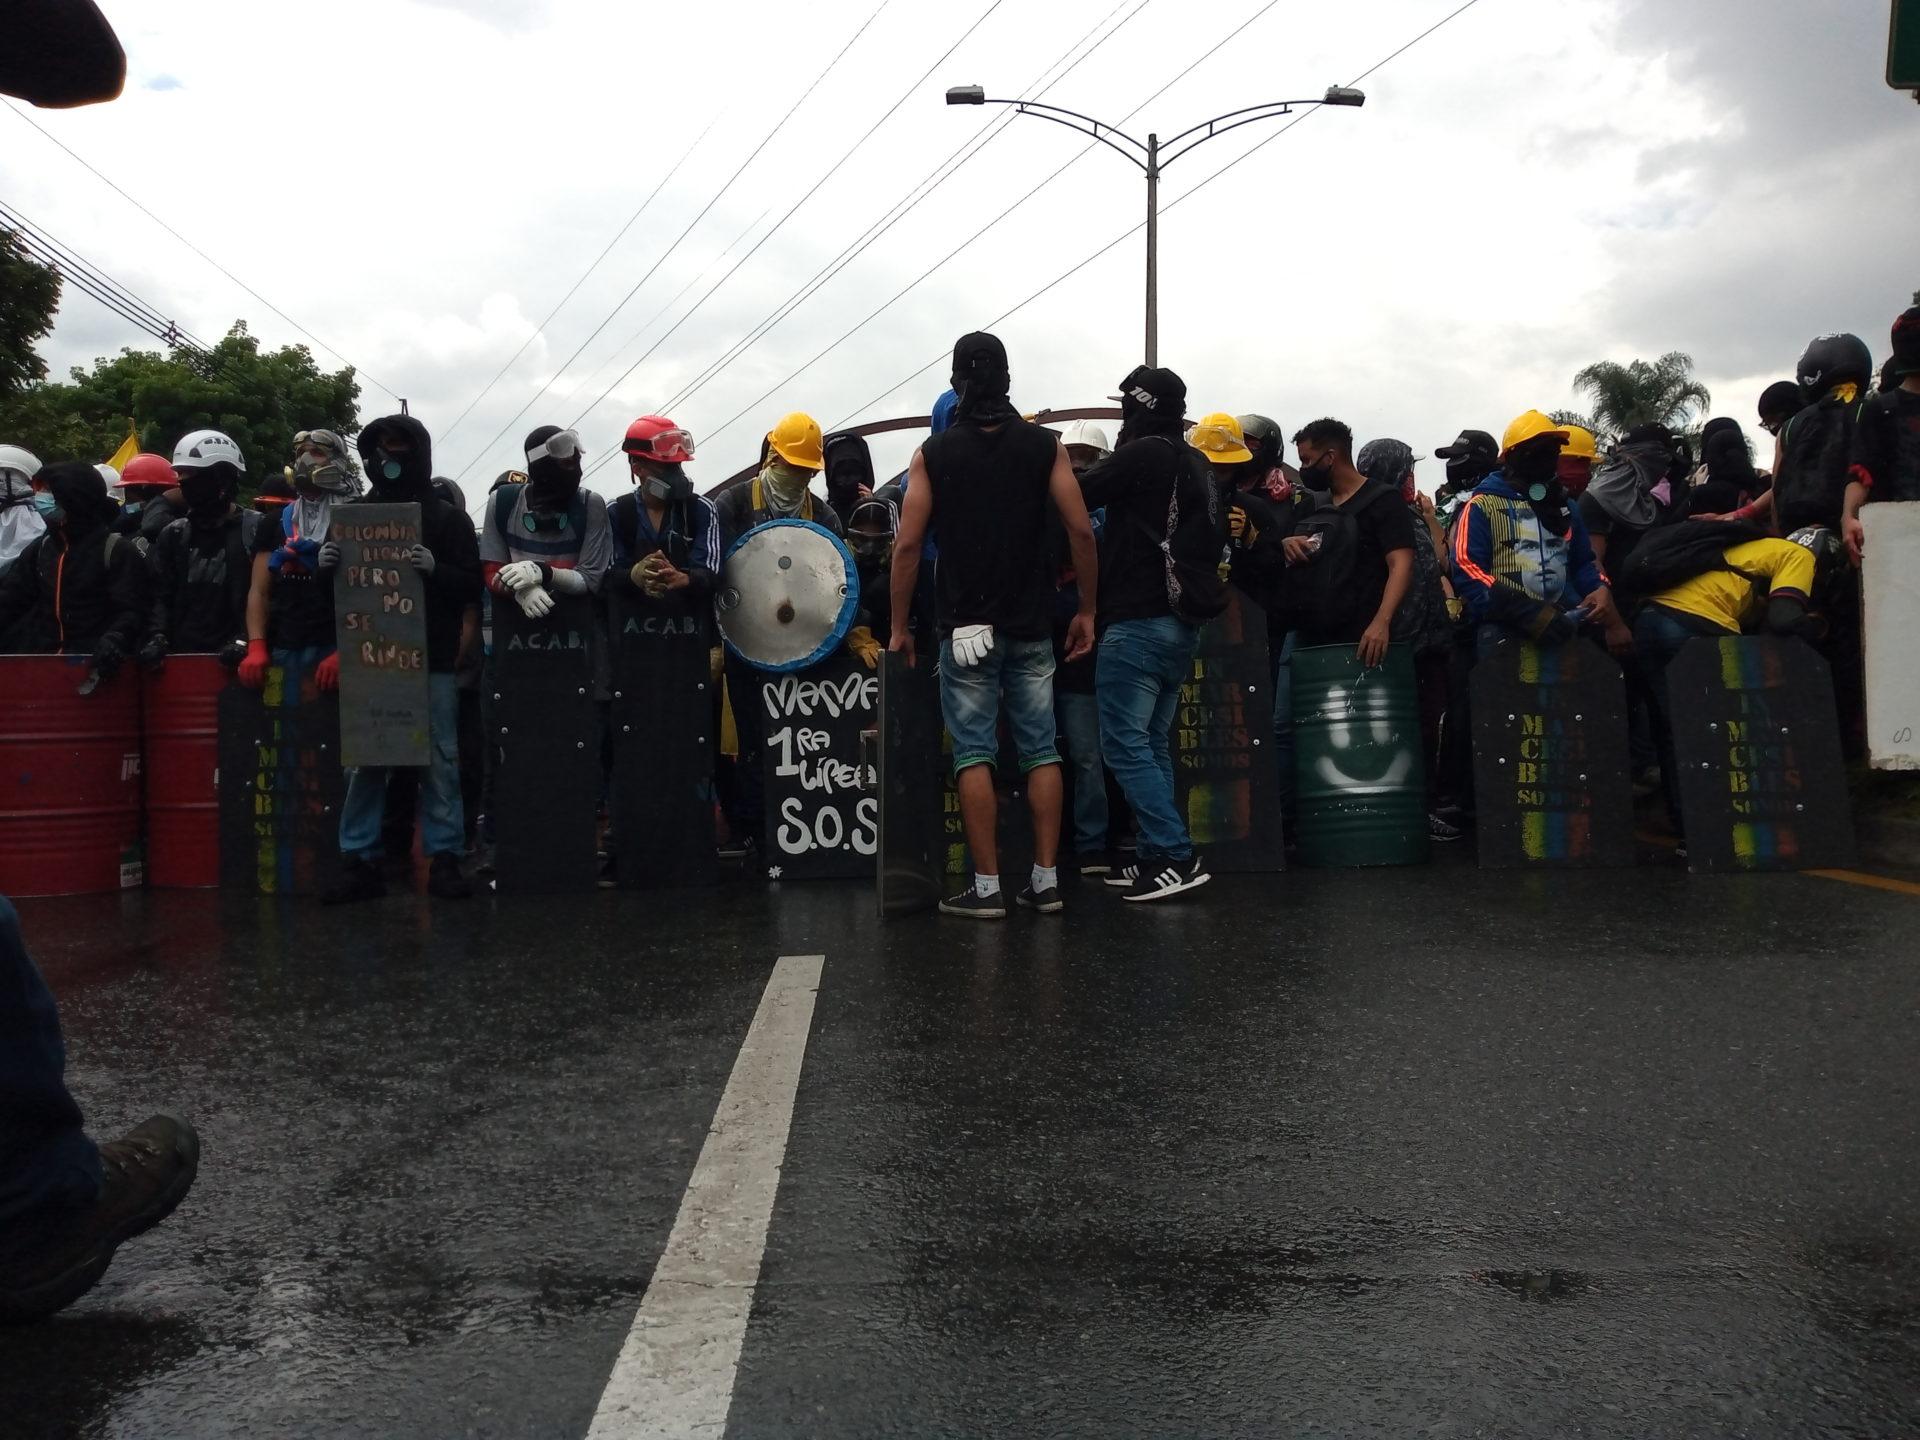 Spezial: Was geschieht in Kolumbien?